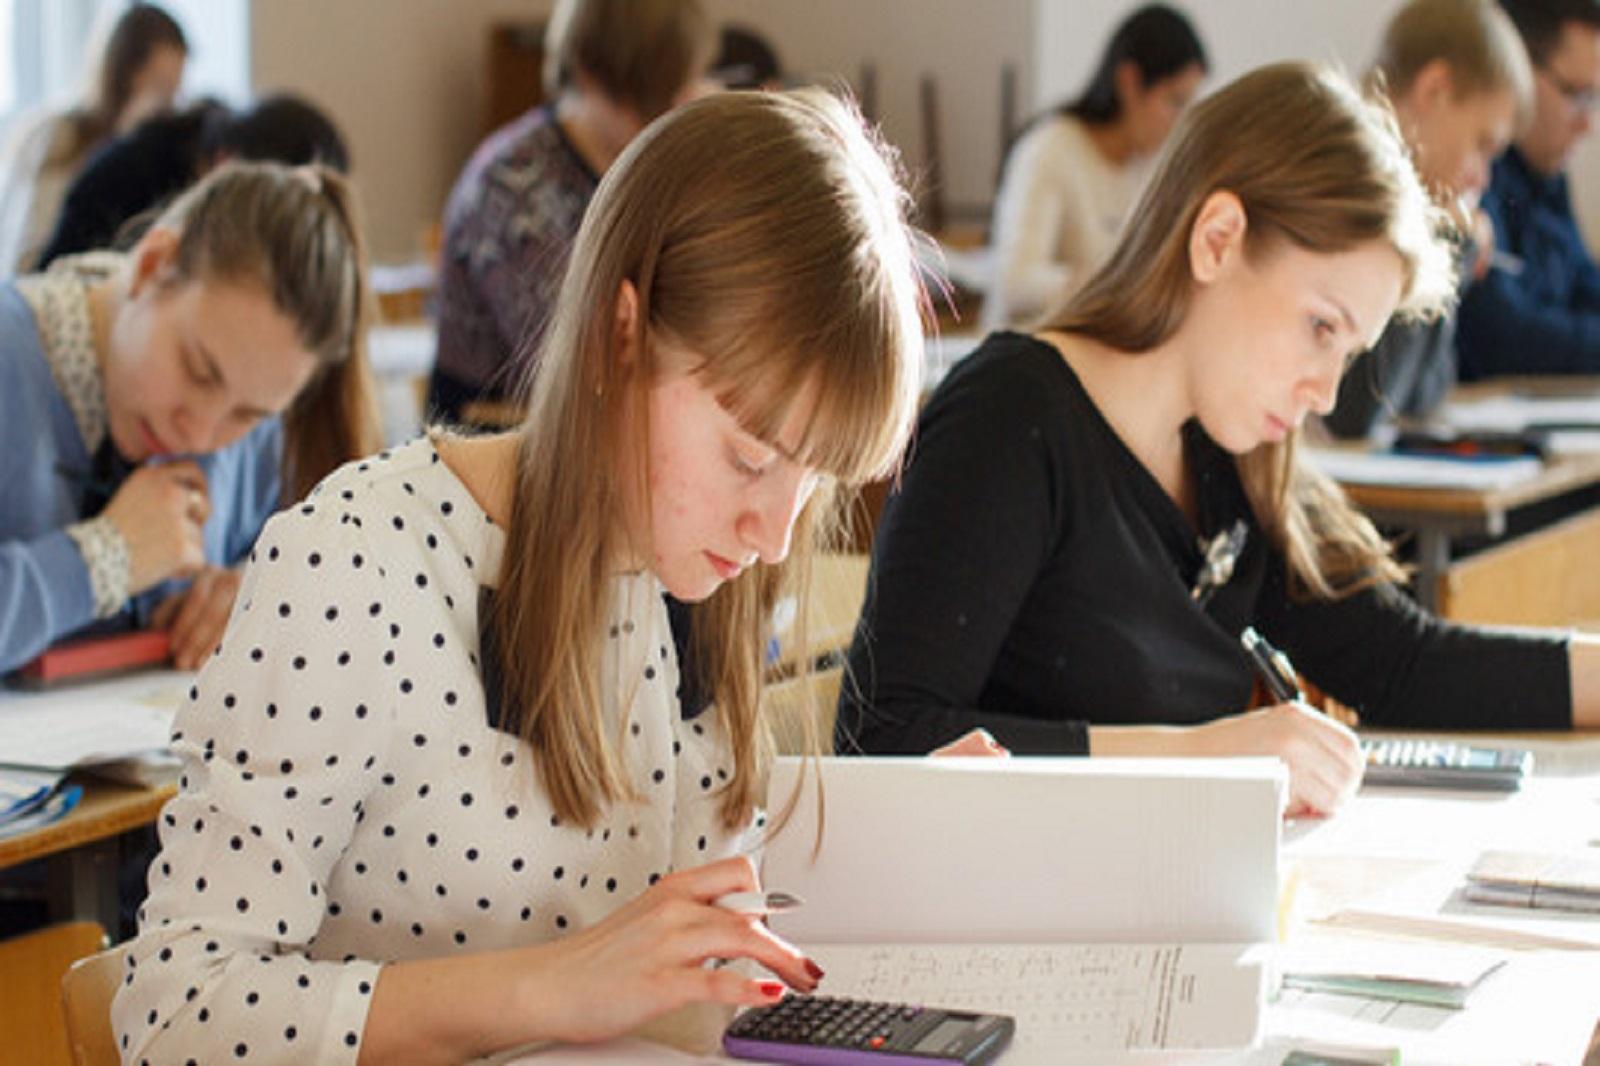 乌拉尔联邦大学总结了在线高考的经验和成果插图-小狮座俄罗斯留学